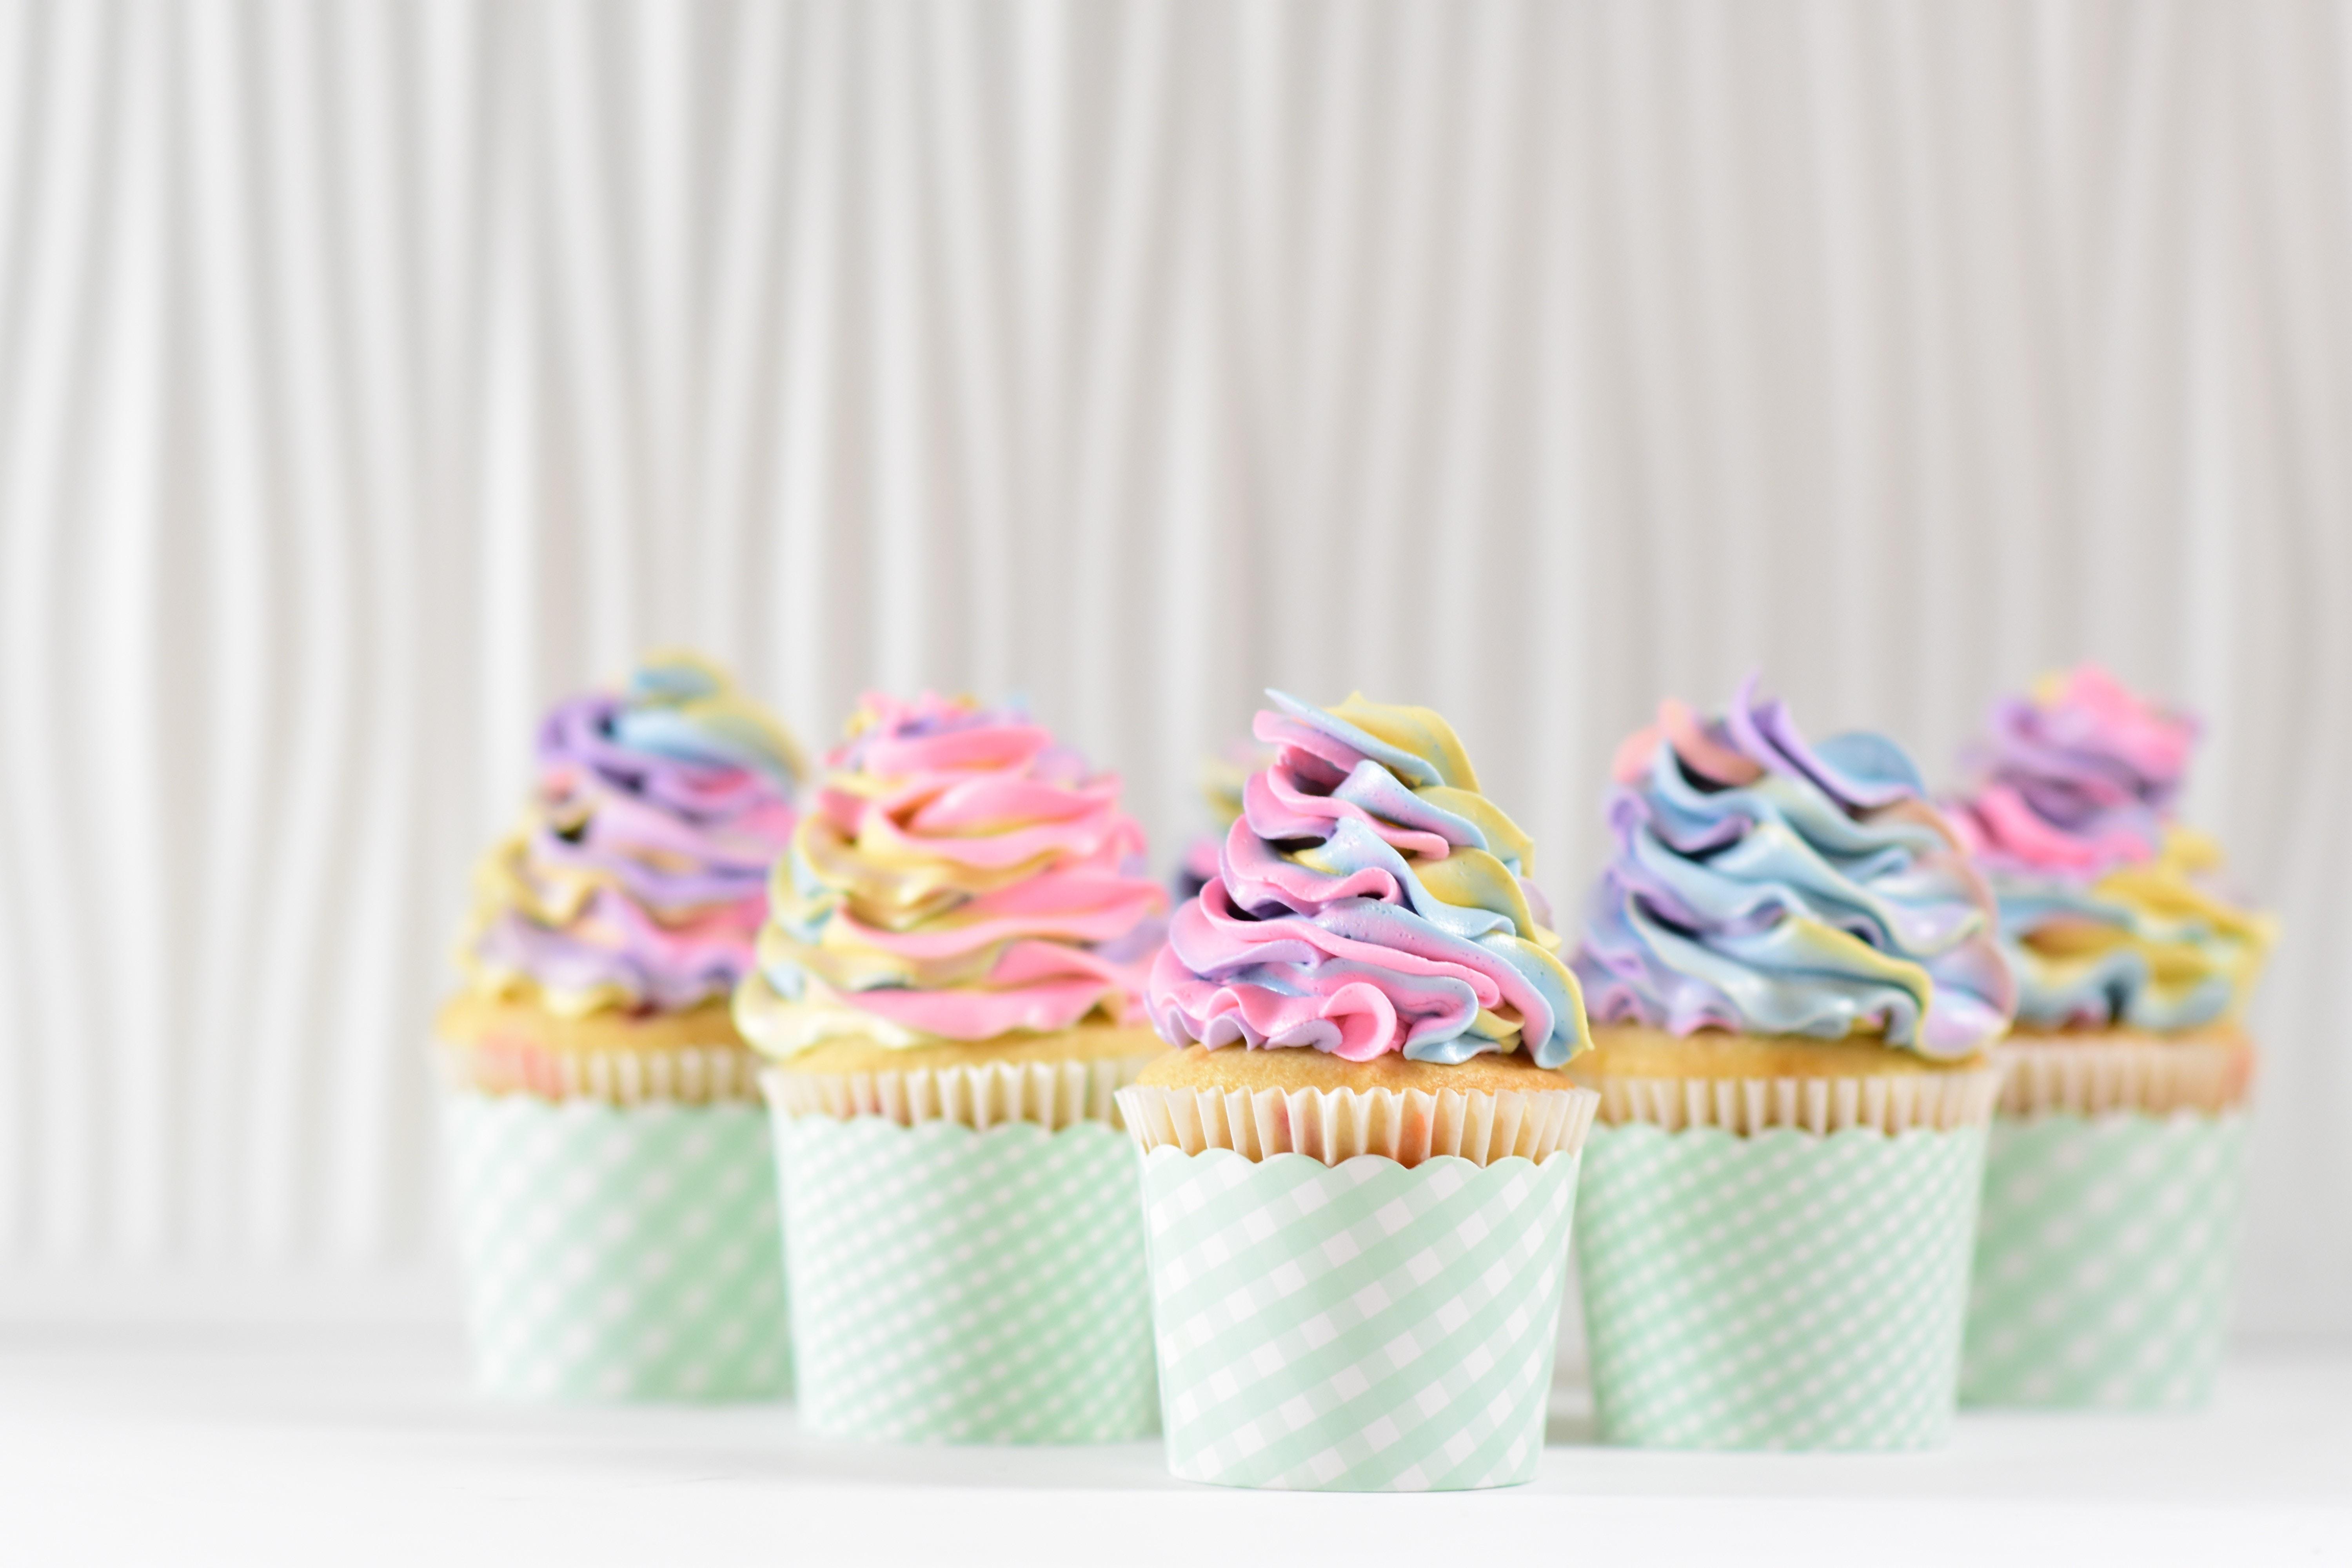 Bloggiversaire : les 3 ans du blog ! Joyeux anniversaire Sijosais.com